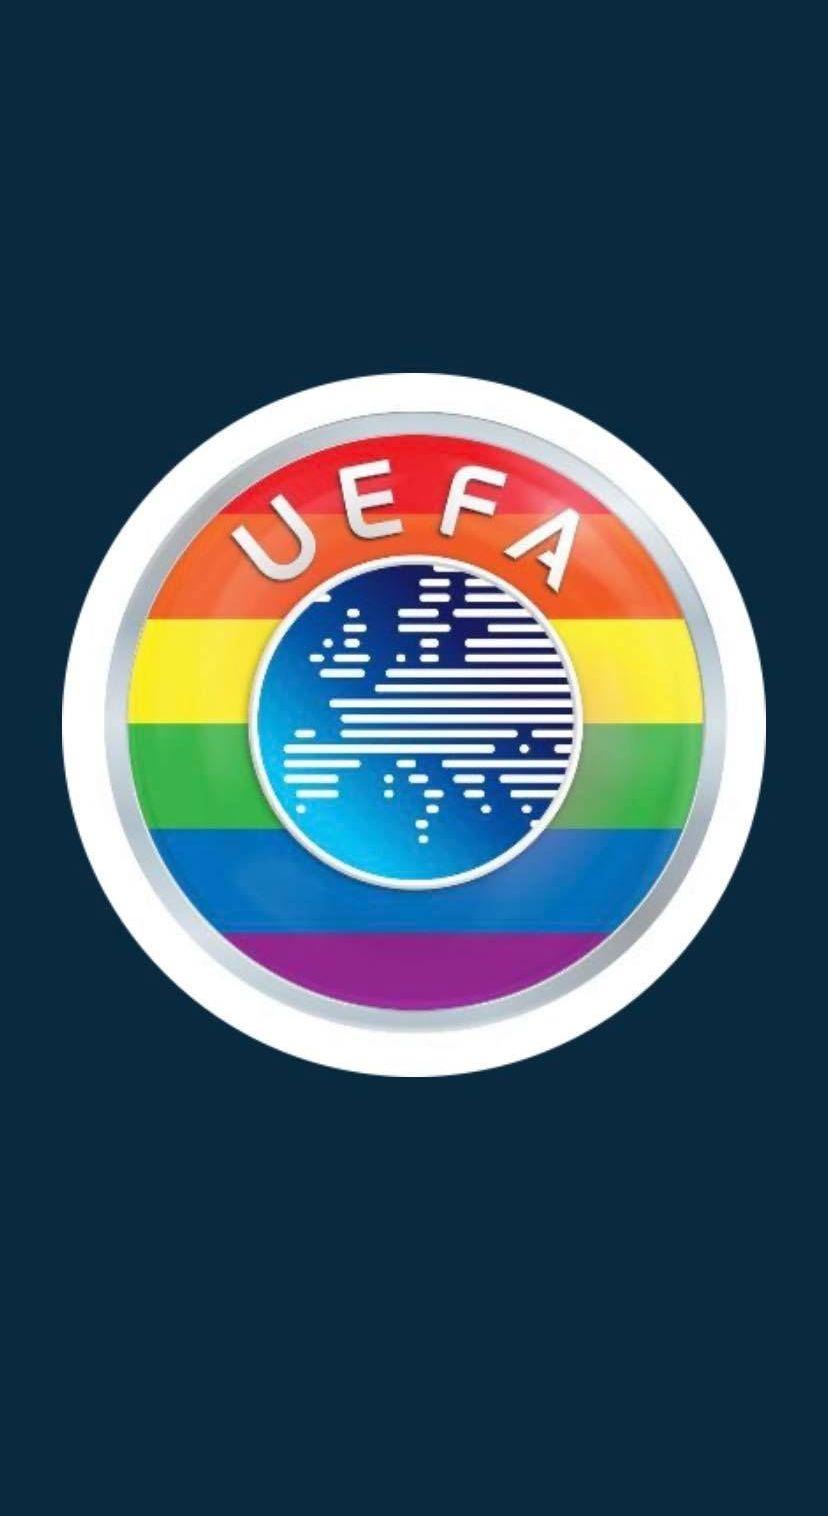 Gest neinteles facut de UEFA in scandalul steagului LGBT! Reactia forului de la Nyon in social media